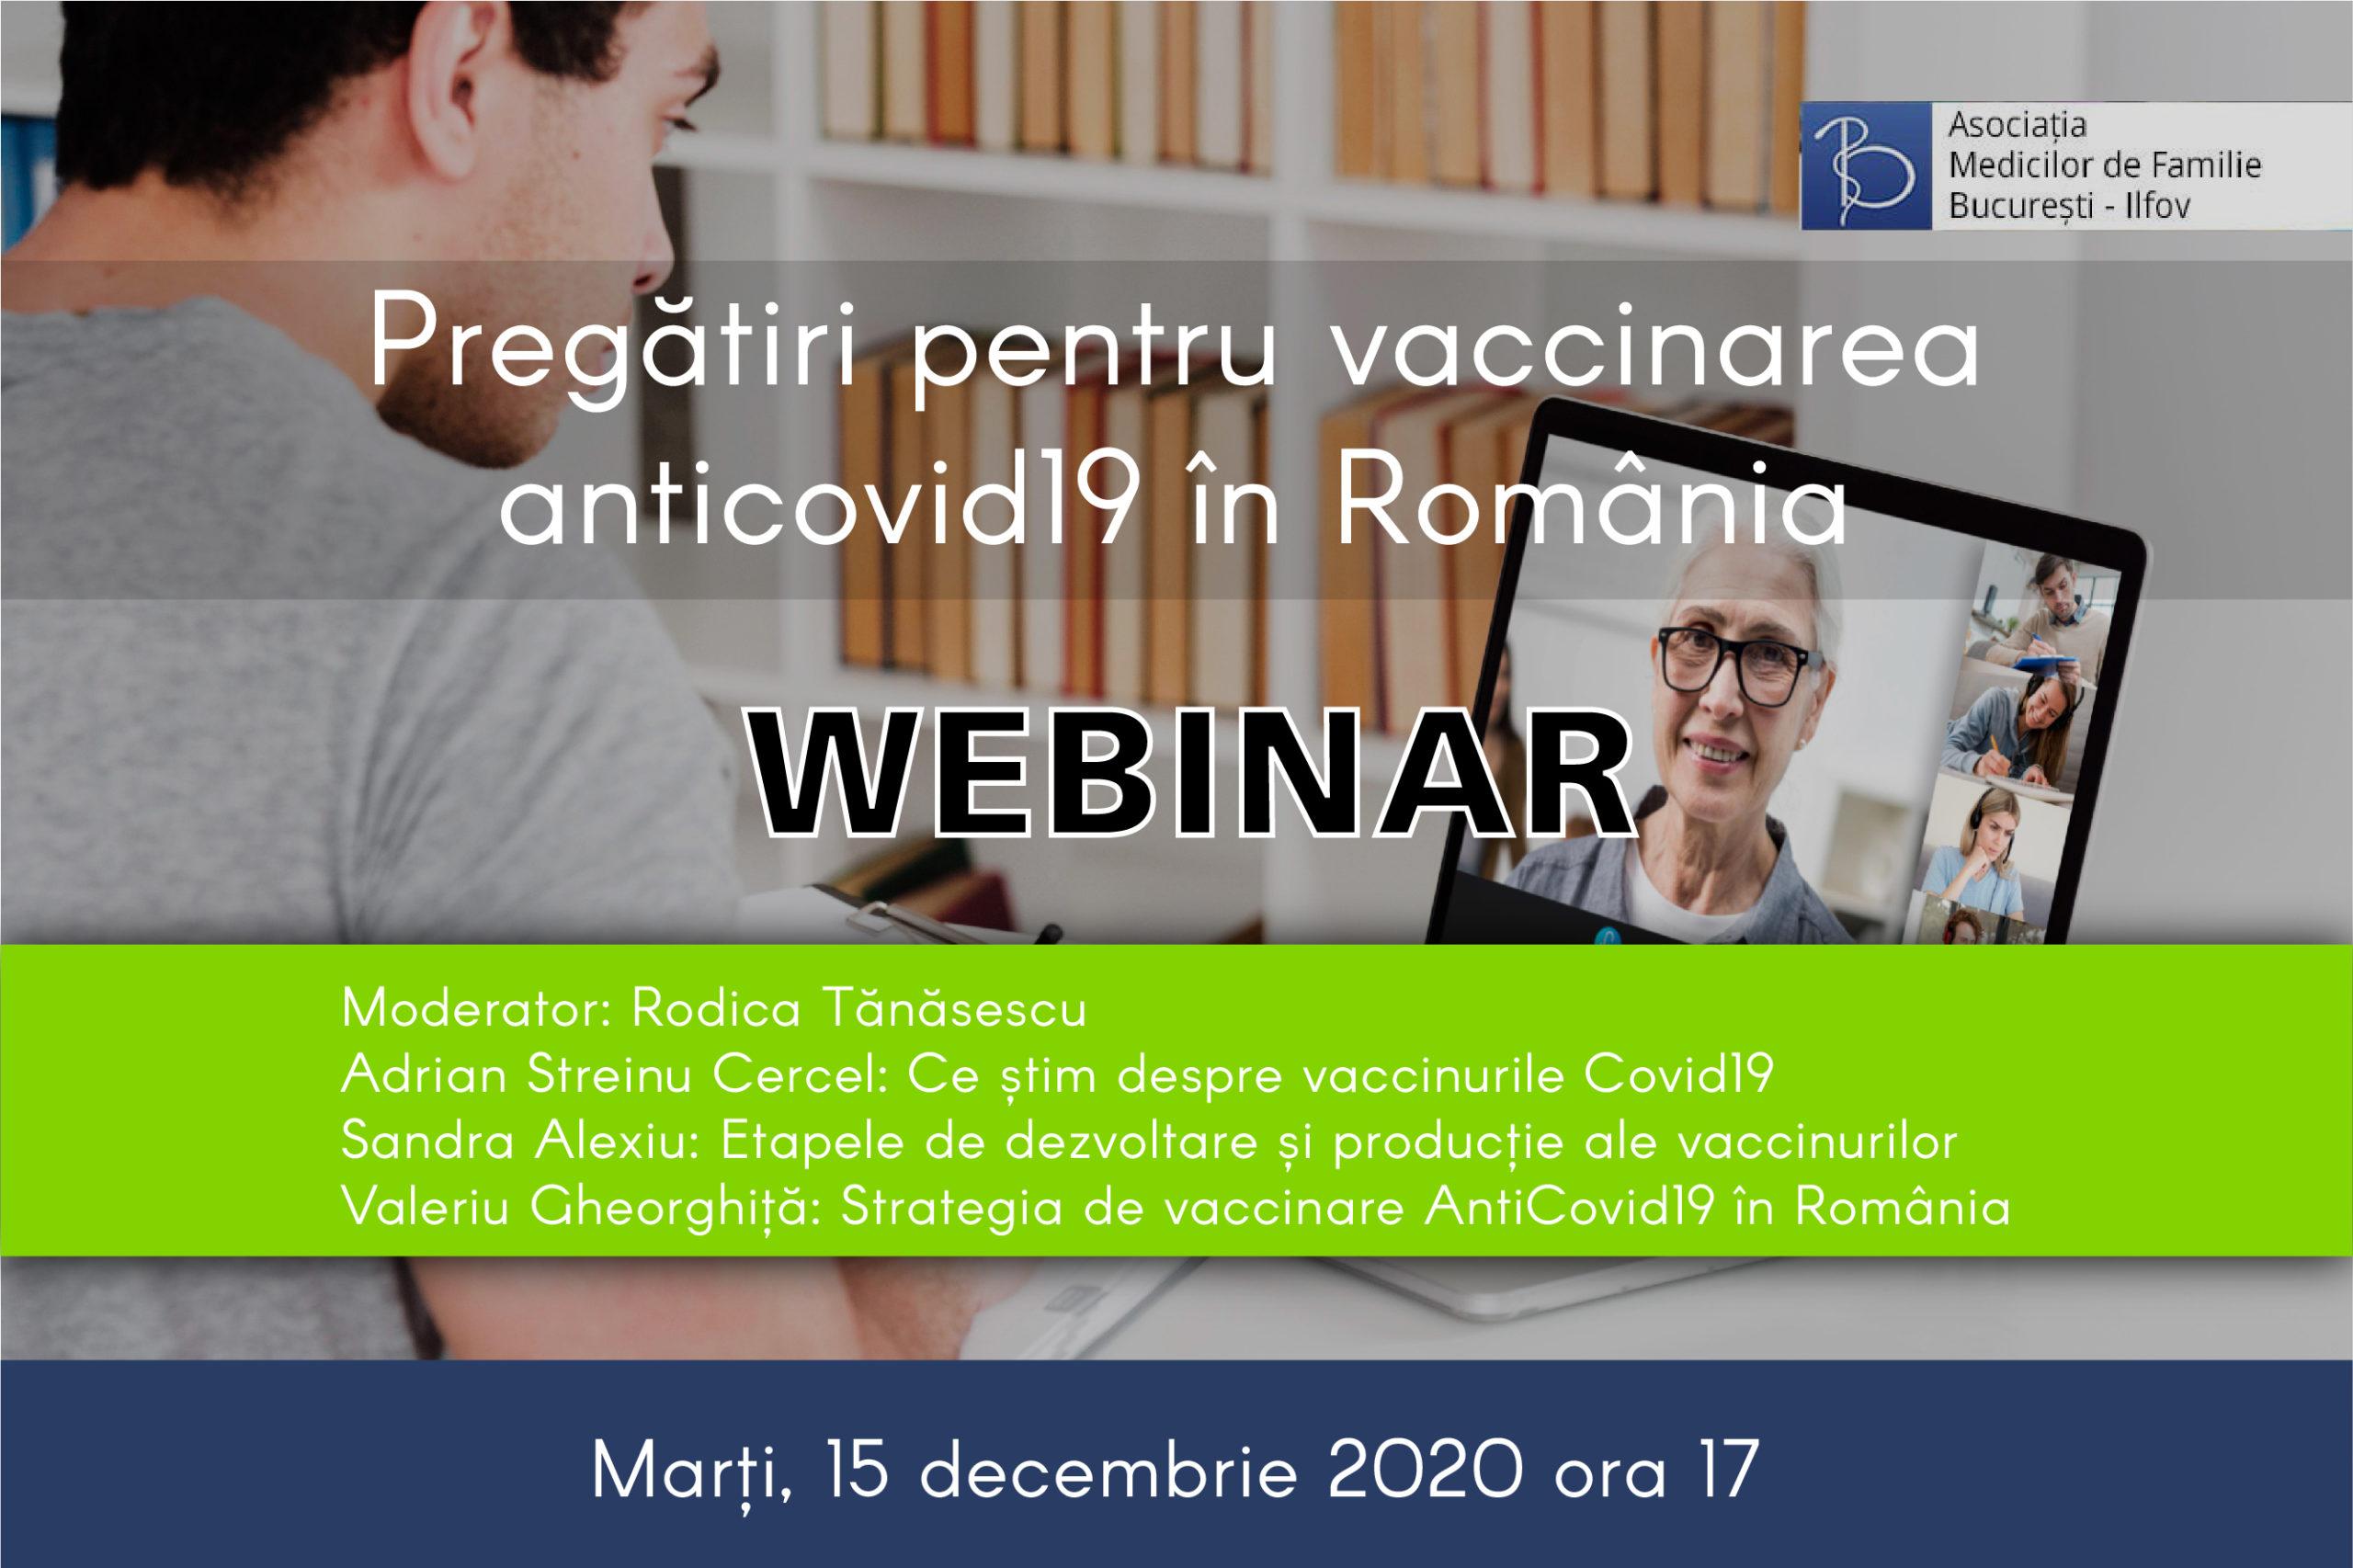 Pregătiri pentru vaccinarea anticovid19 în Romania